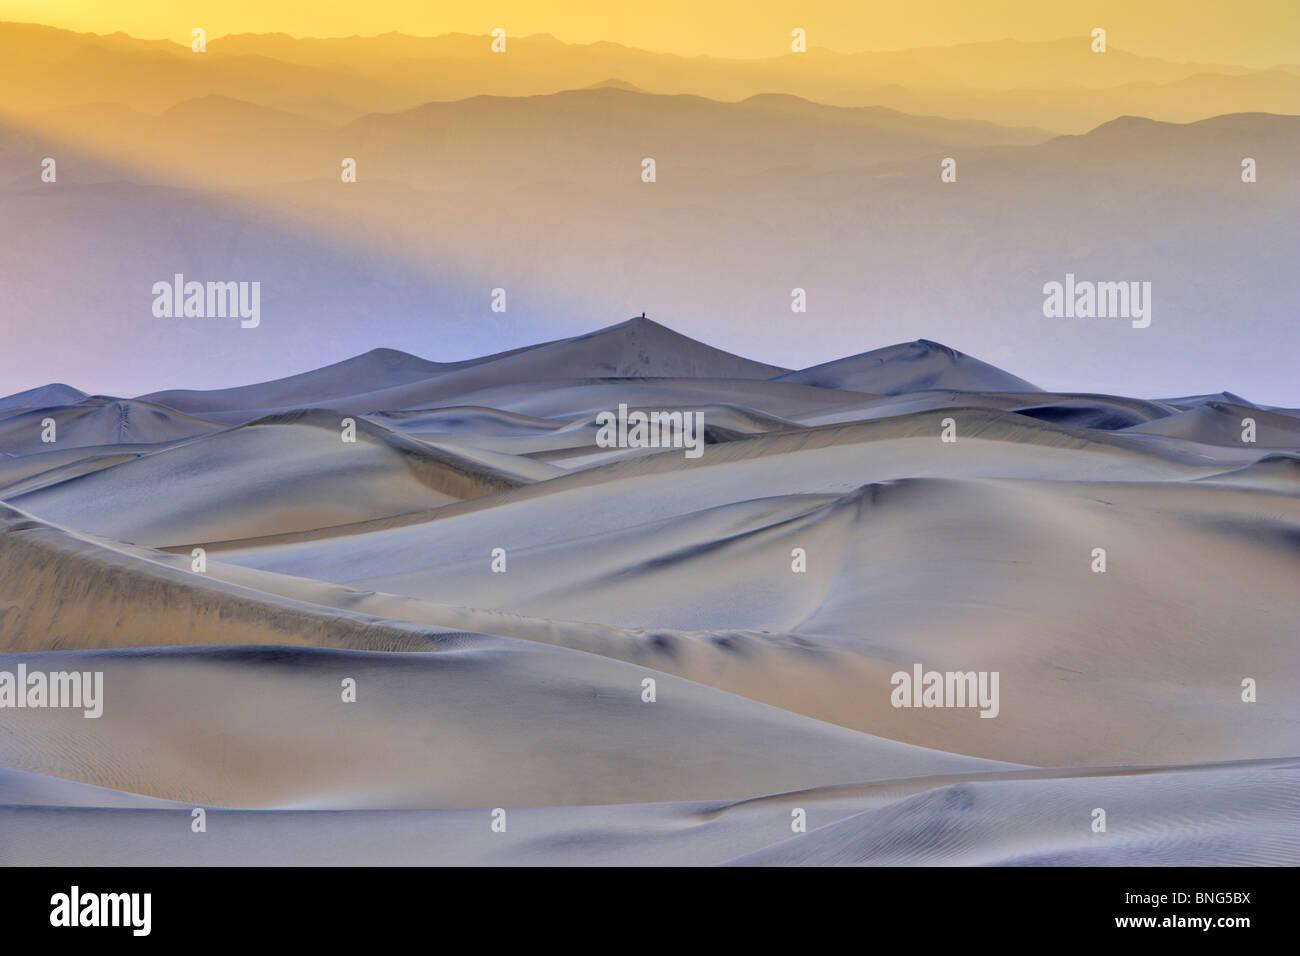 Dunes de sable dans un désert, Mesquite Dunes plat, la vallée de la mort, Panamint Range, California, USA Banque D'Images